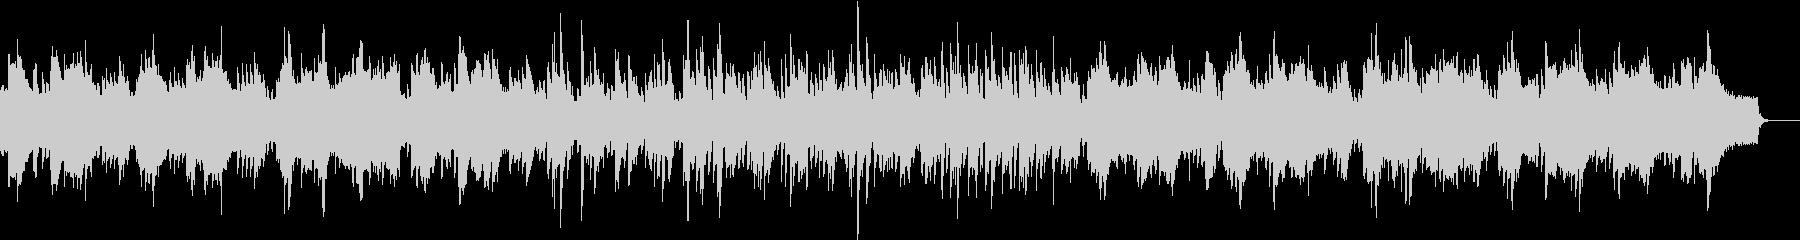 生演奏ギター/バイオリン/農業/牧歌的の未再生の波形